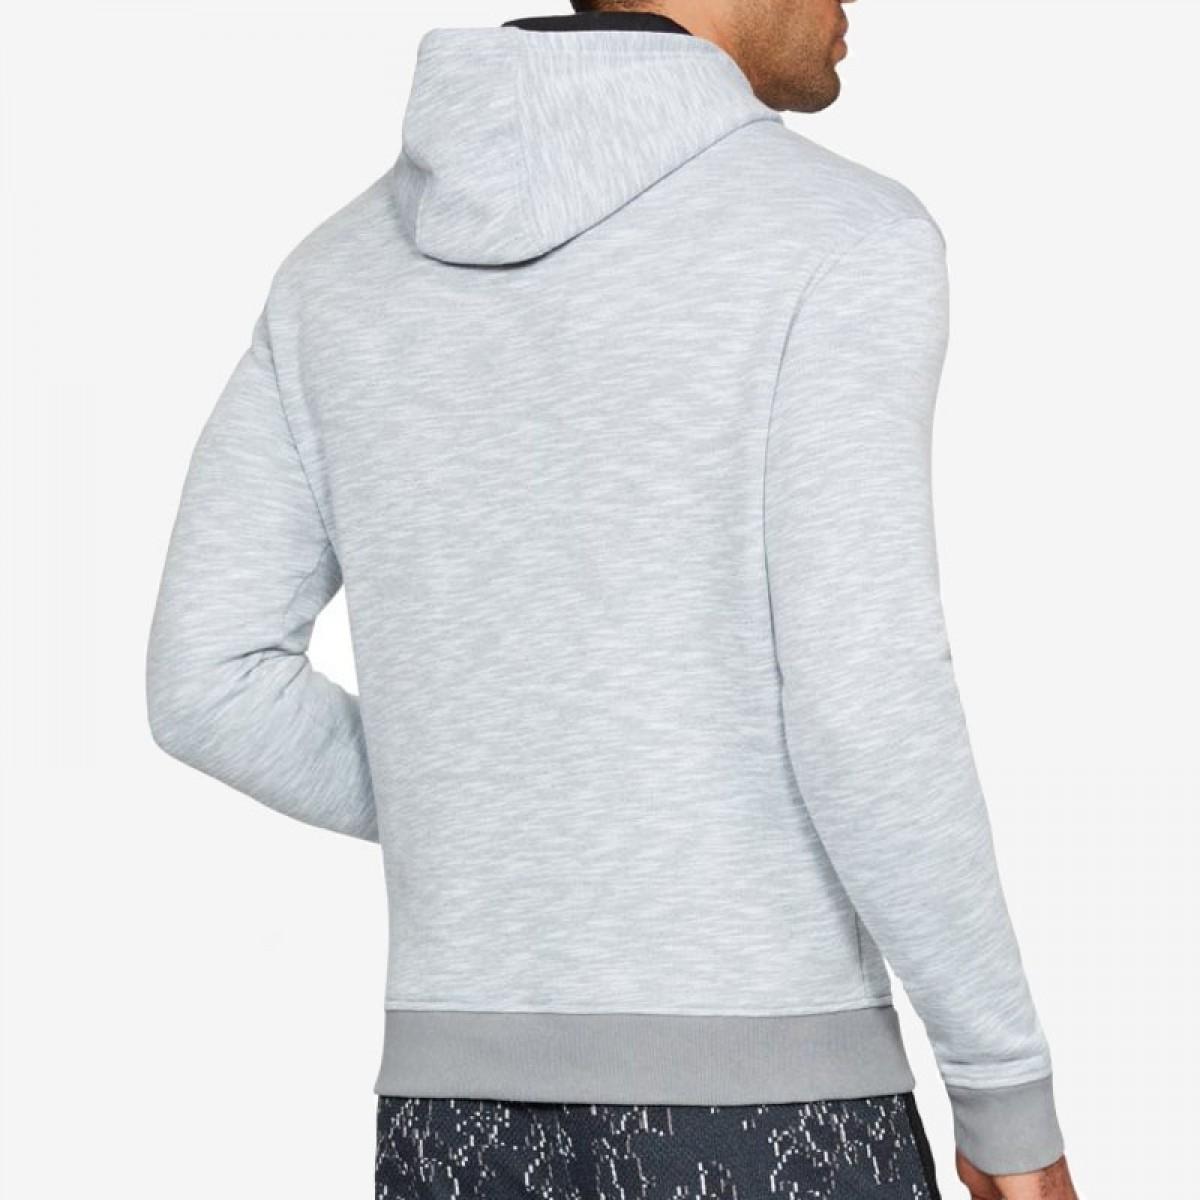 UA Baseline P/O Hoodie 'Grey' 1309845-025